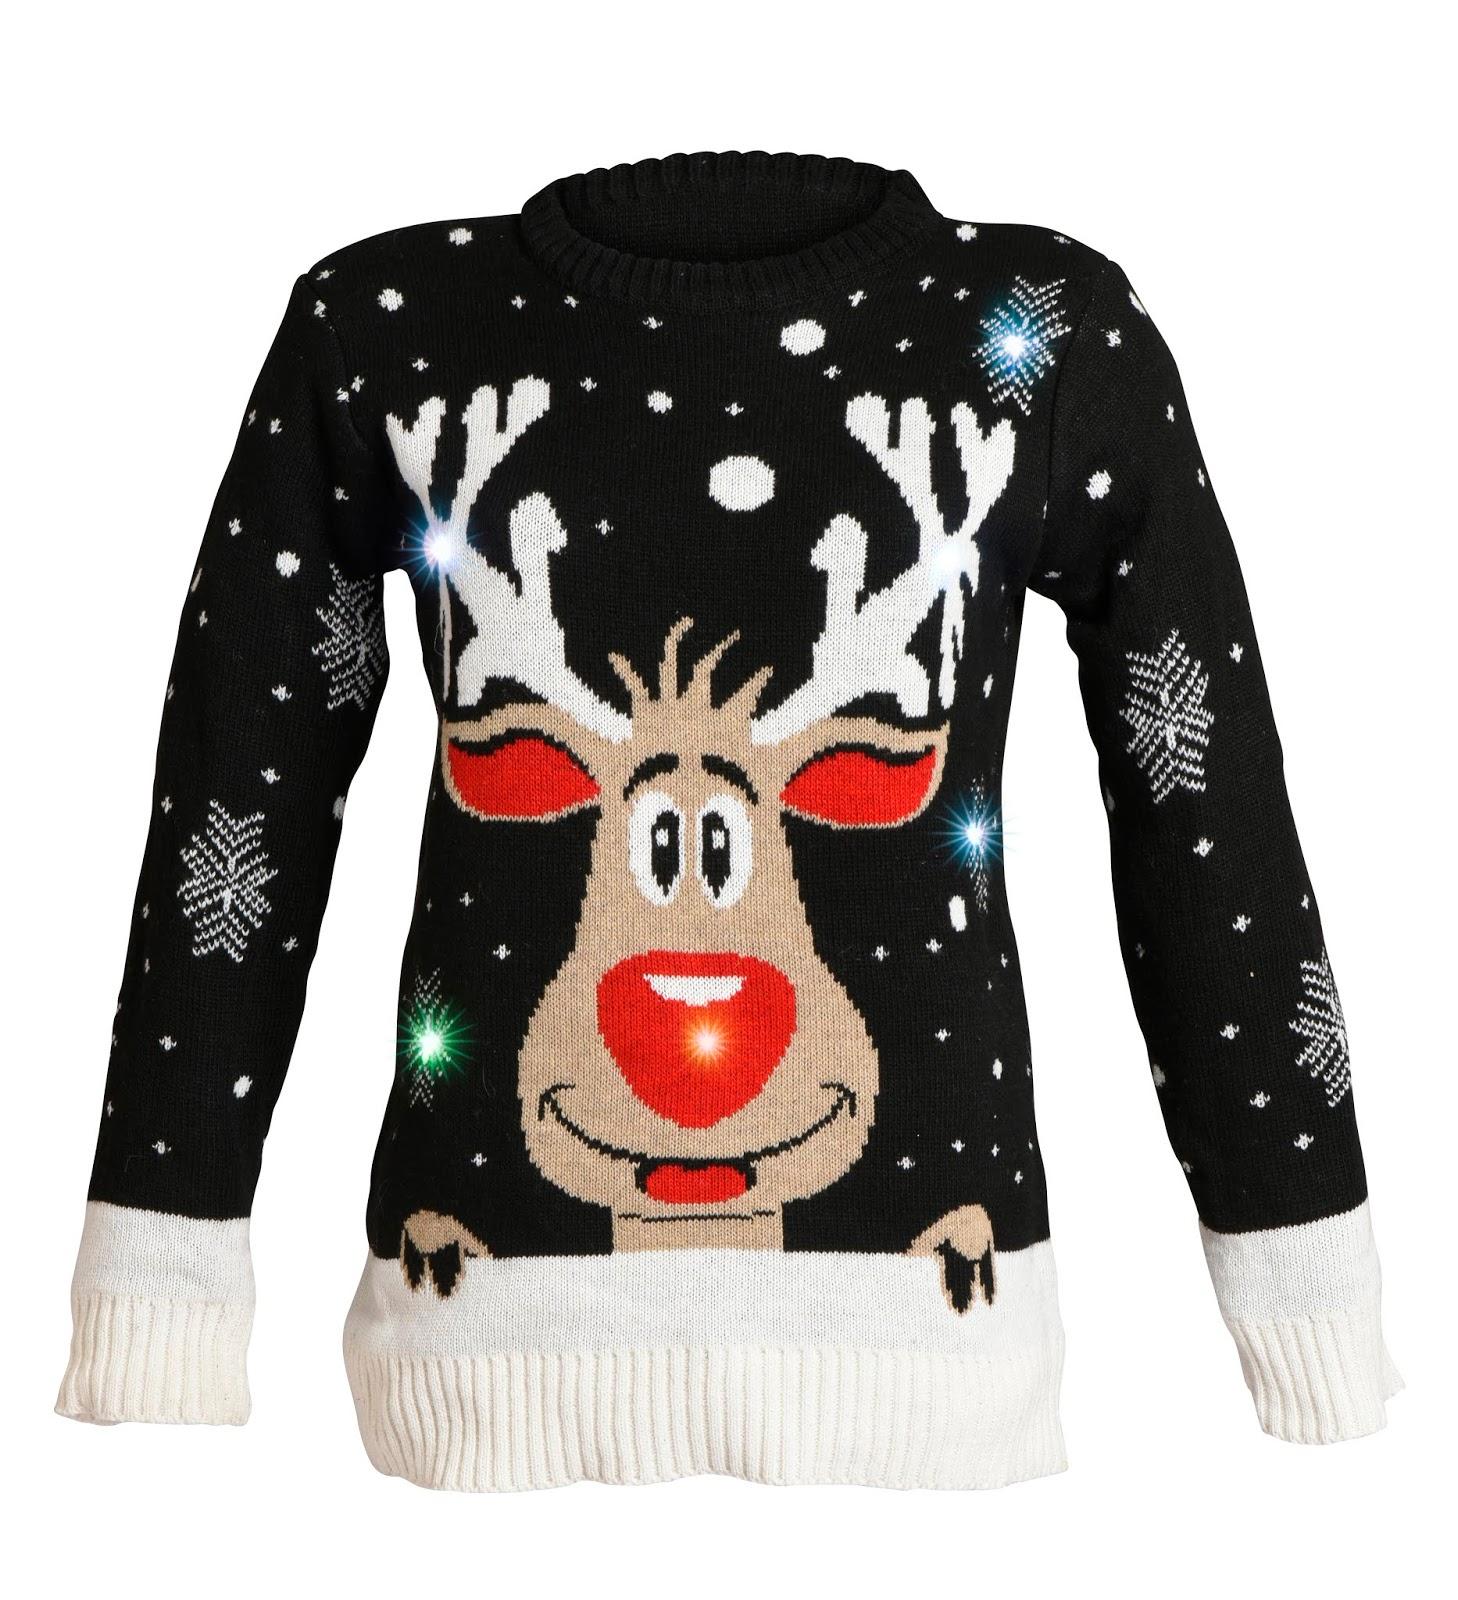 Berömda Fias Jul - Let it snow: Jultröjor med LED AA-28